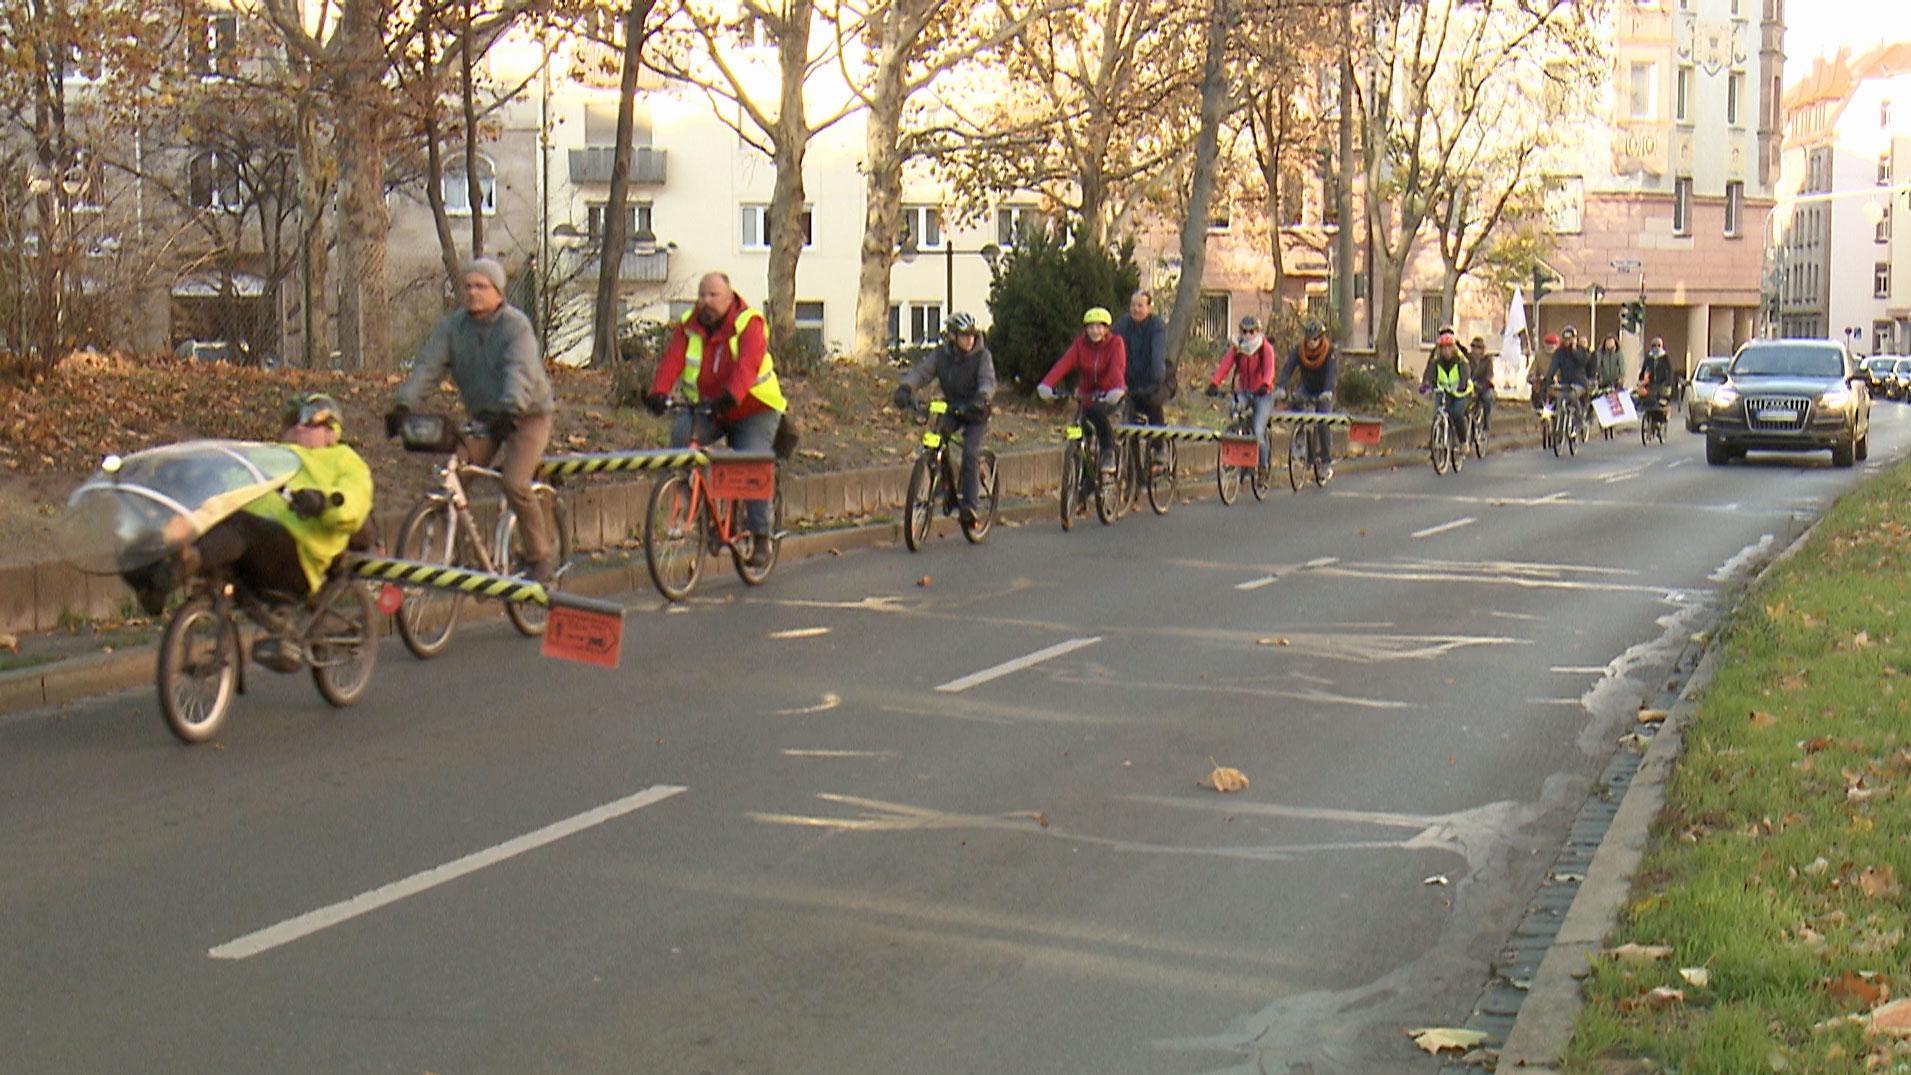 Radfahrer fahren auf einer mehrstreifigen Straße. Einige von ihnen haben inige von ihnen haben Abstandhalter aus Schaumstoff an ihre Gepäckträger montiert. Auf dem linken Fahrstreifen überholt sie ein Auto.